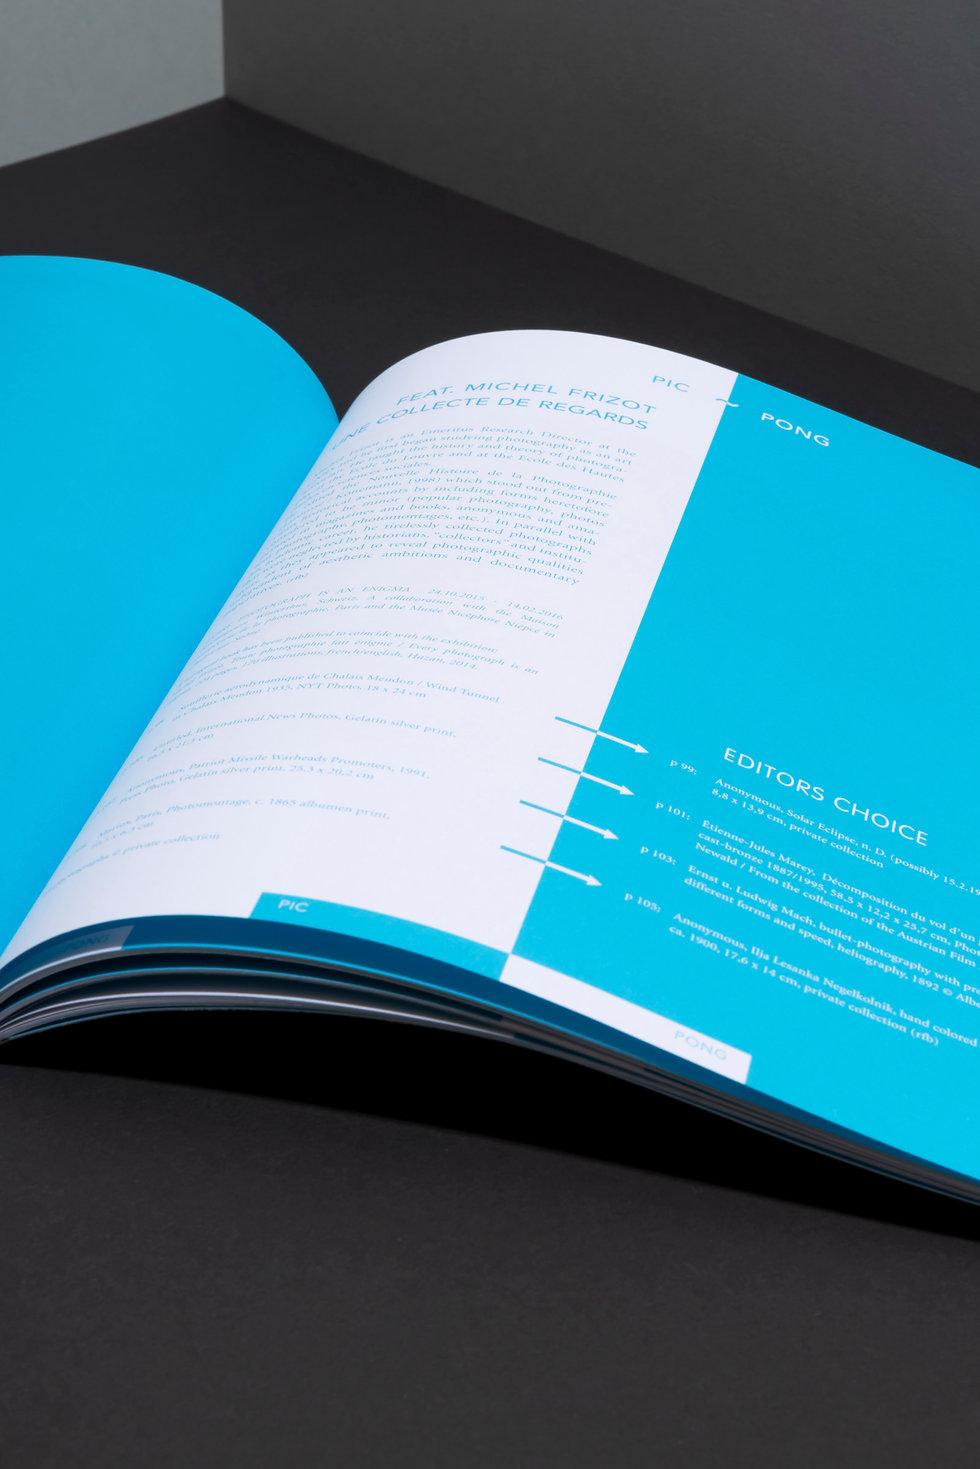 Streulicht Magazine, designed by Bureau Kies